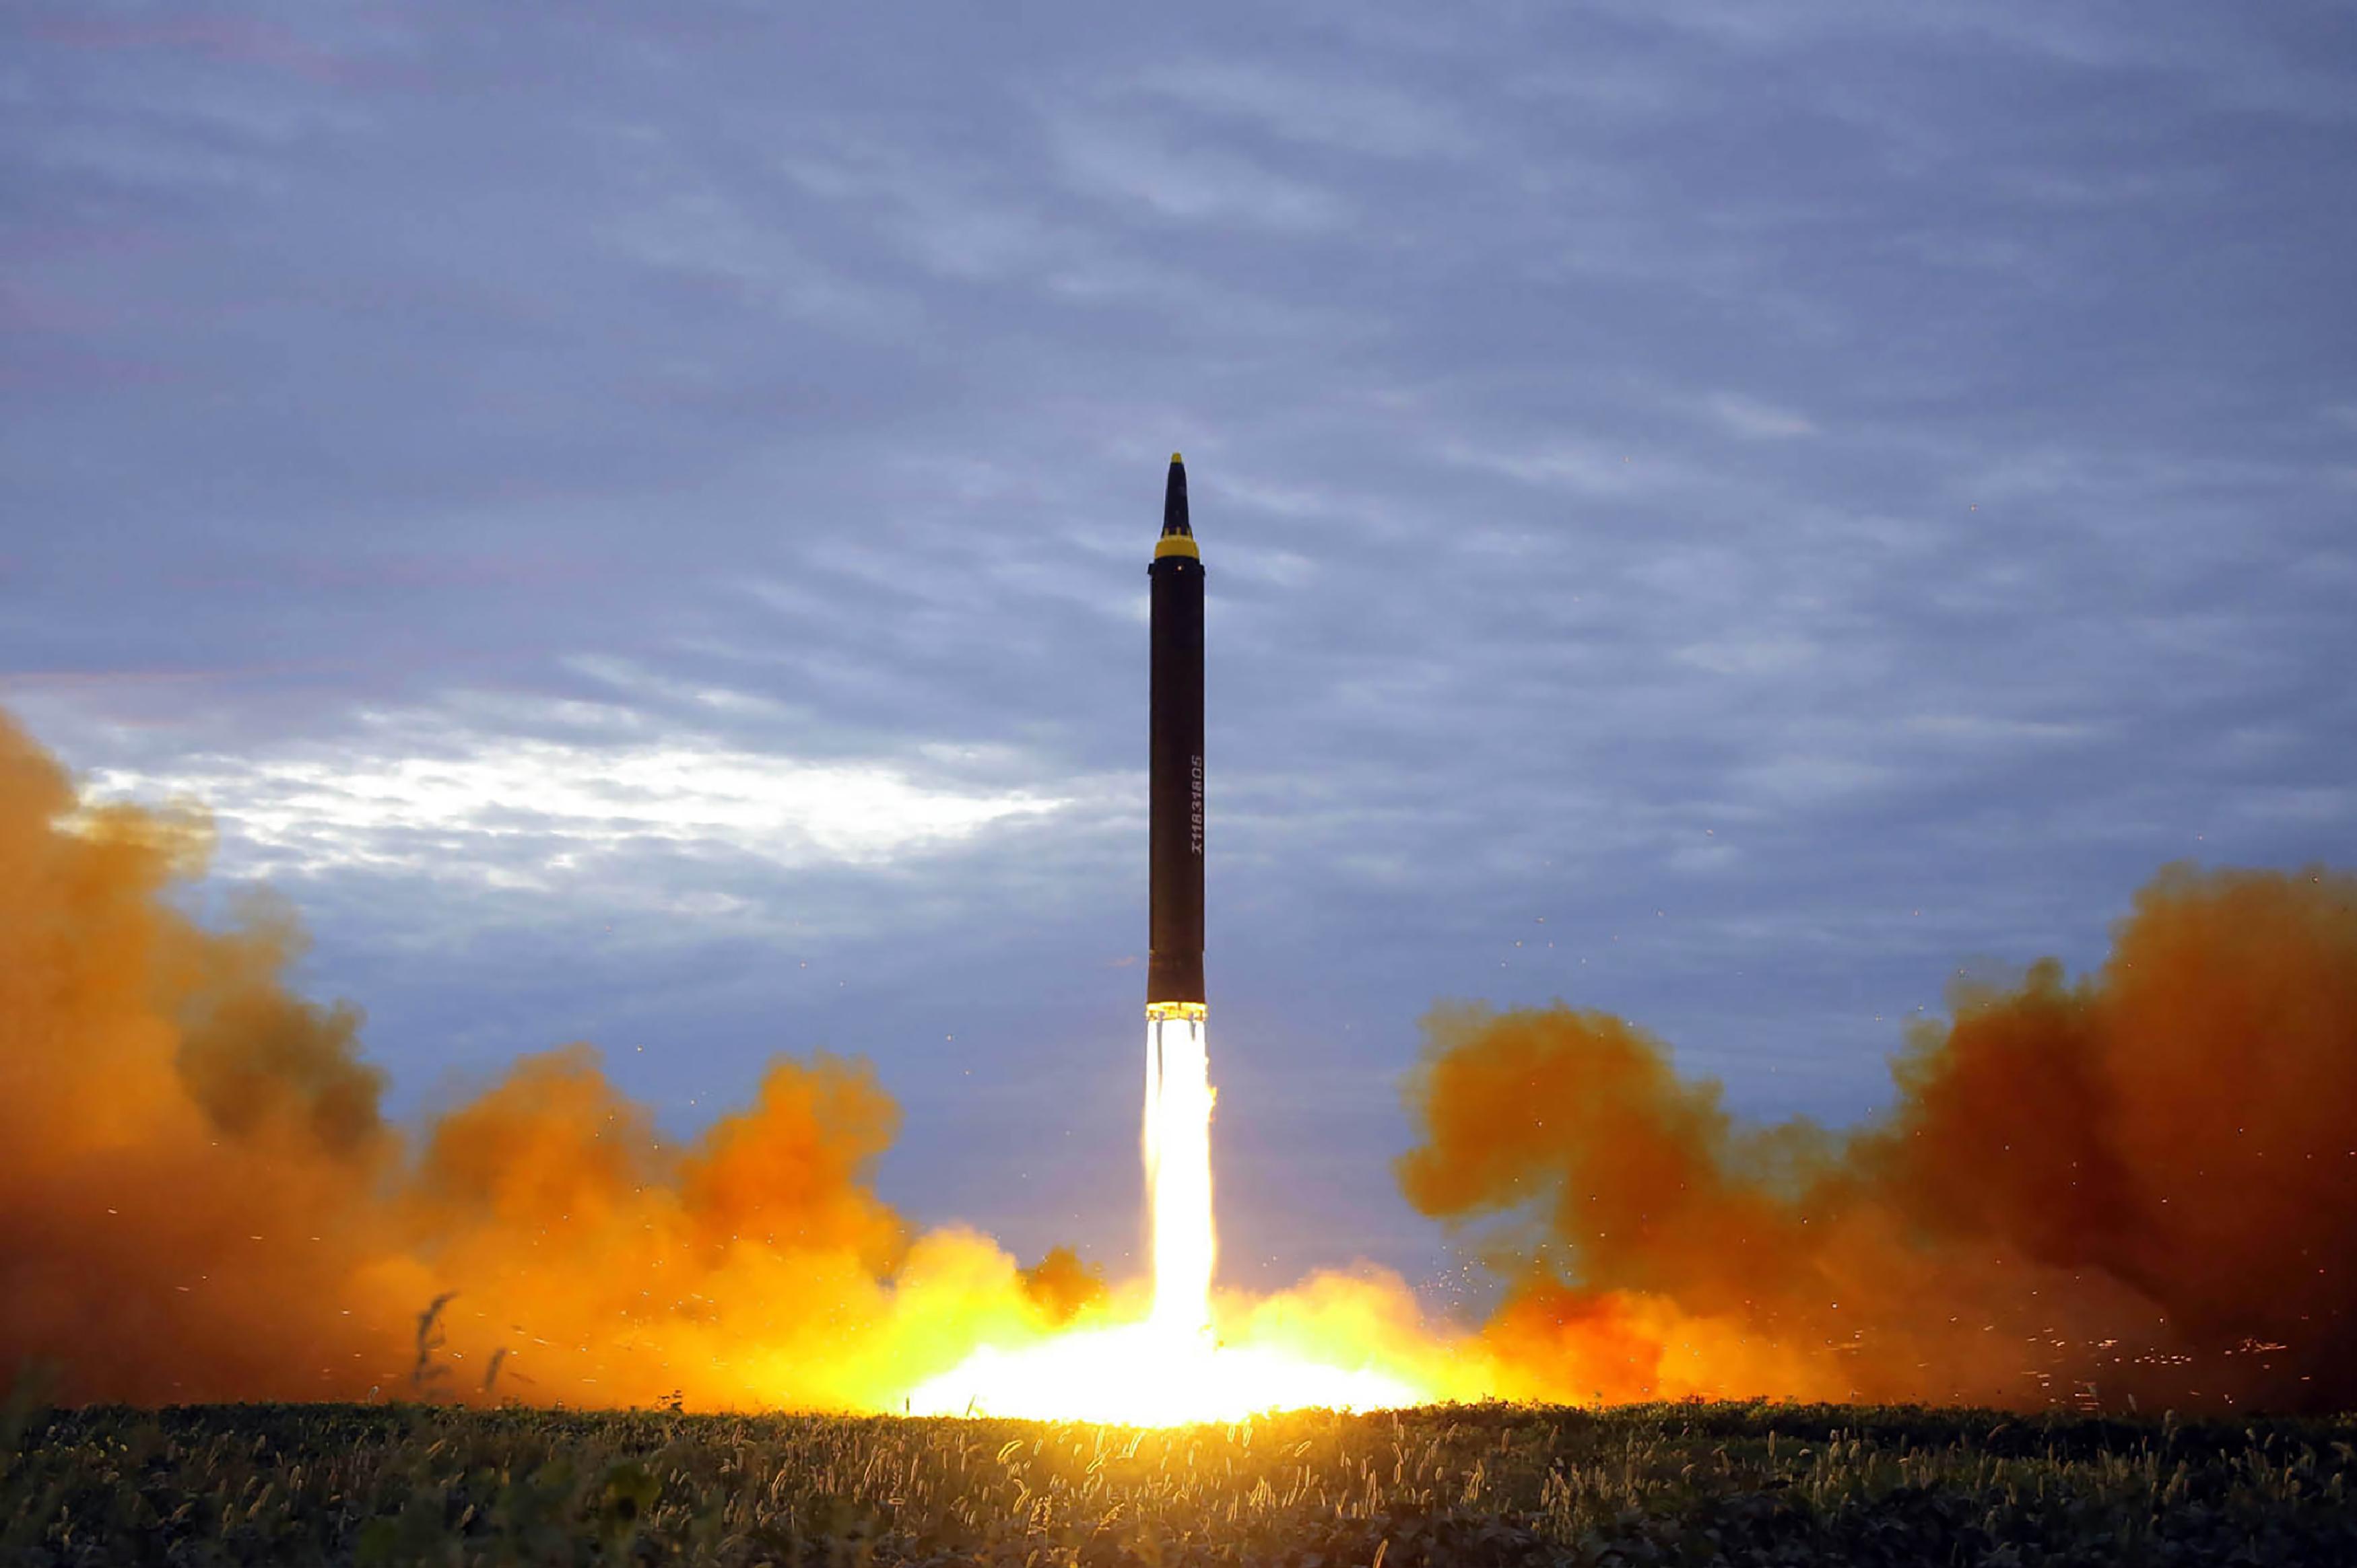 北朝鮮は9月15日、ミサイルを発射した。写真は8月29日に発射された中距離ミサイル。(STR/AFP/Getty Images)